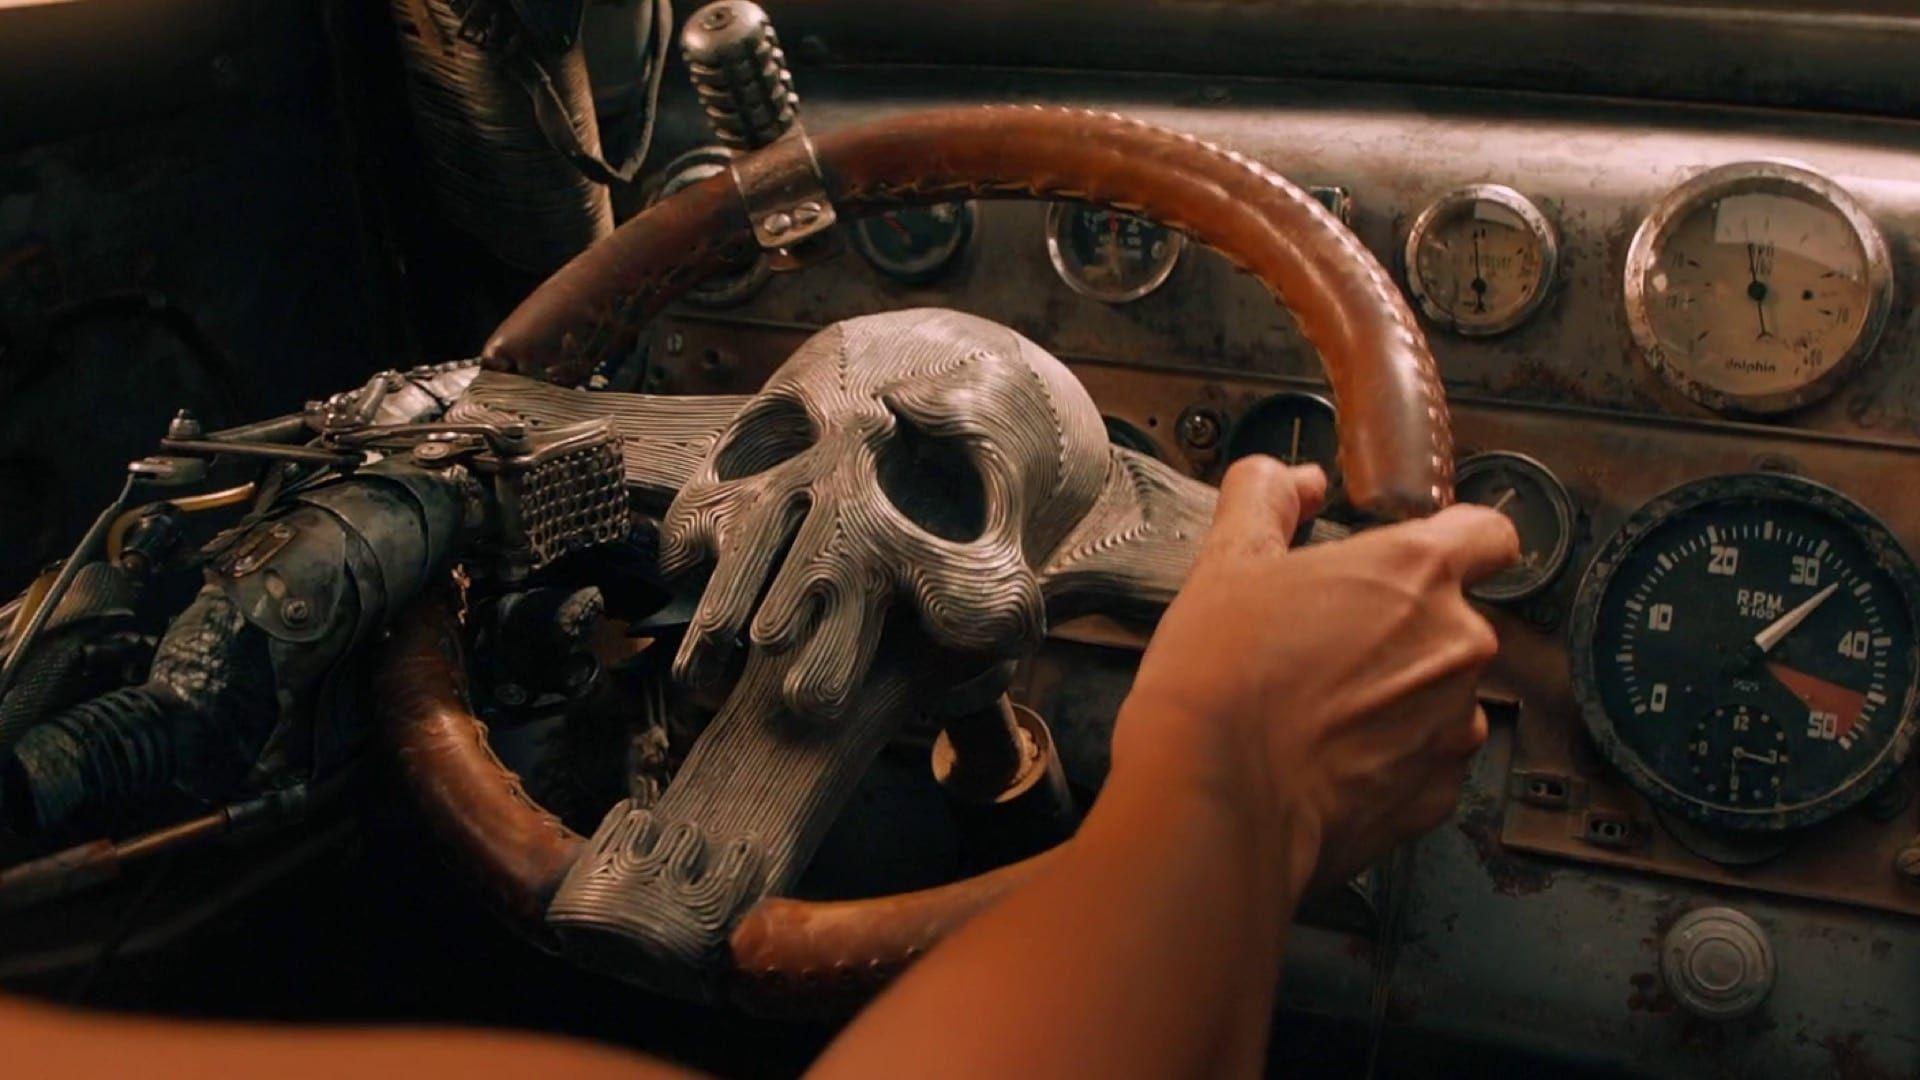 Sehen Mad Max Fury Road 2015 Ganzer Film Stream Deutsch Komplett Online Mad Max Fury Road 2015complete Film Deutsch Mad Max Fury Road Online Kostenlos Ganz